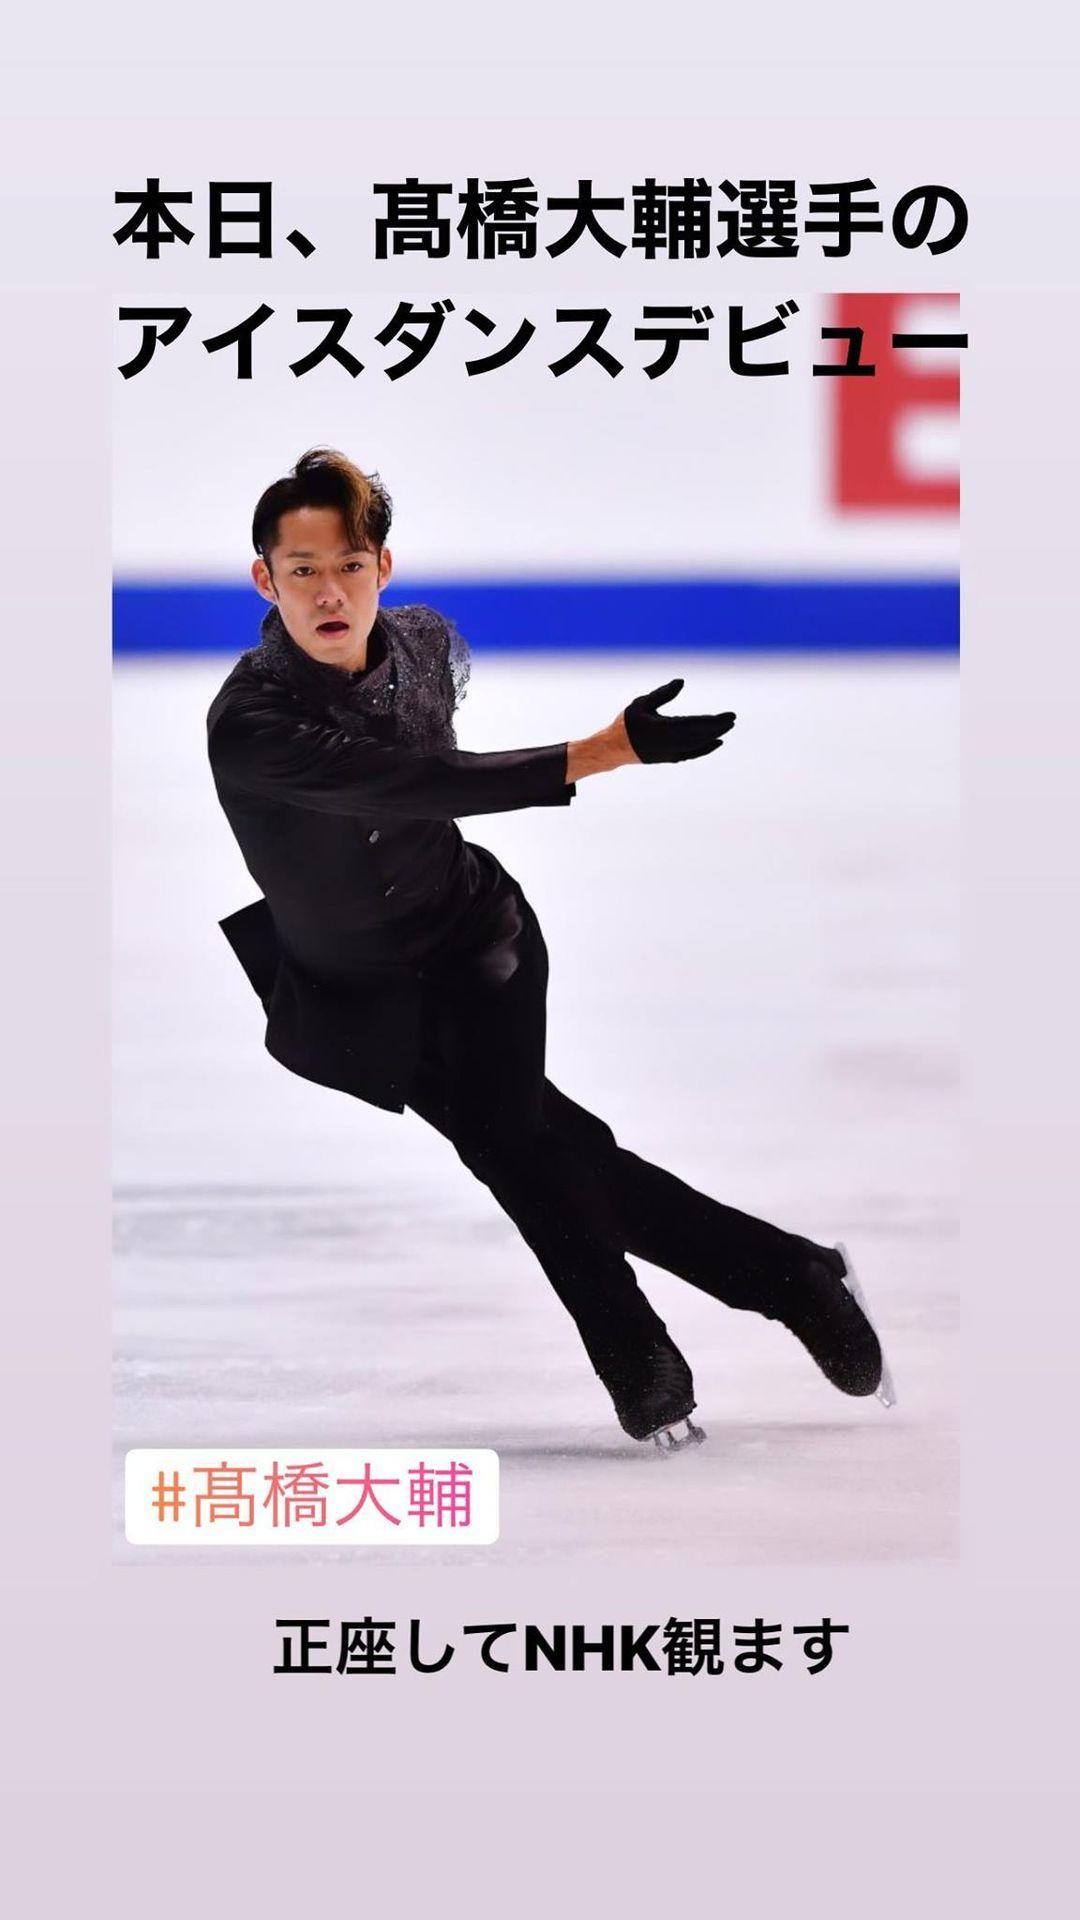 高橋大輔のアイスダンス_b0117564_00115763.jpg